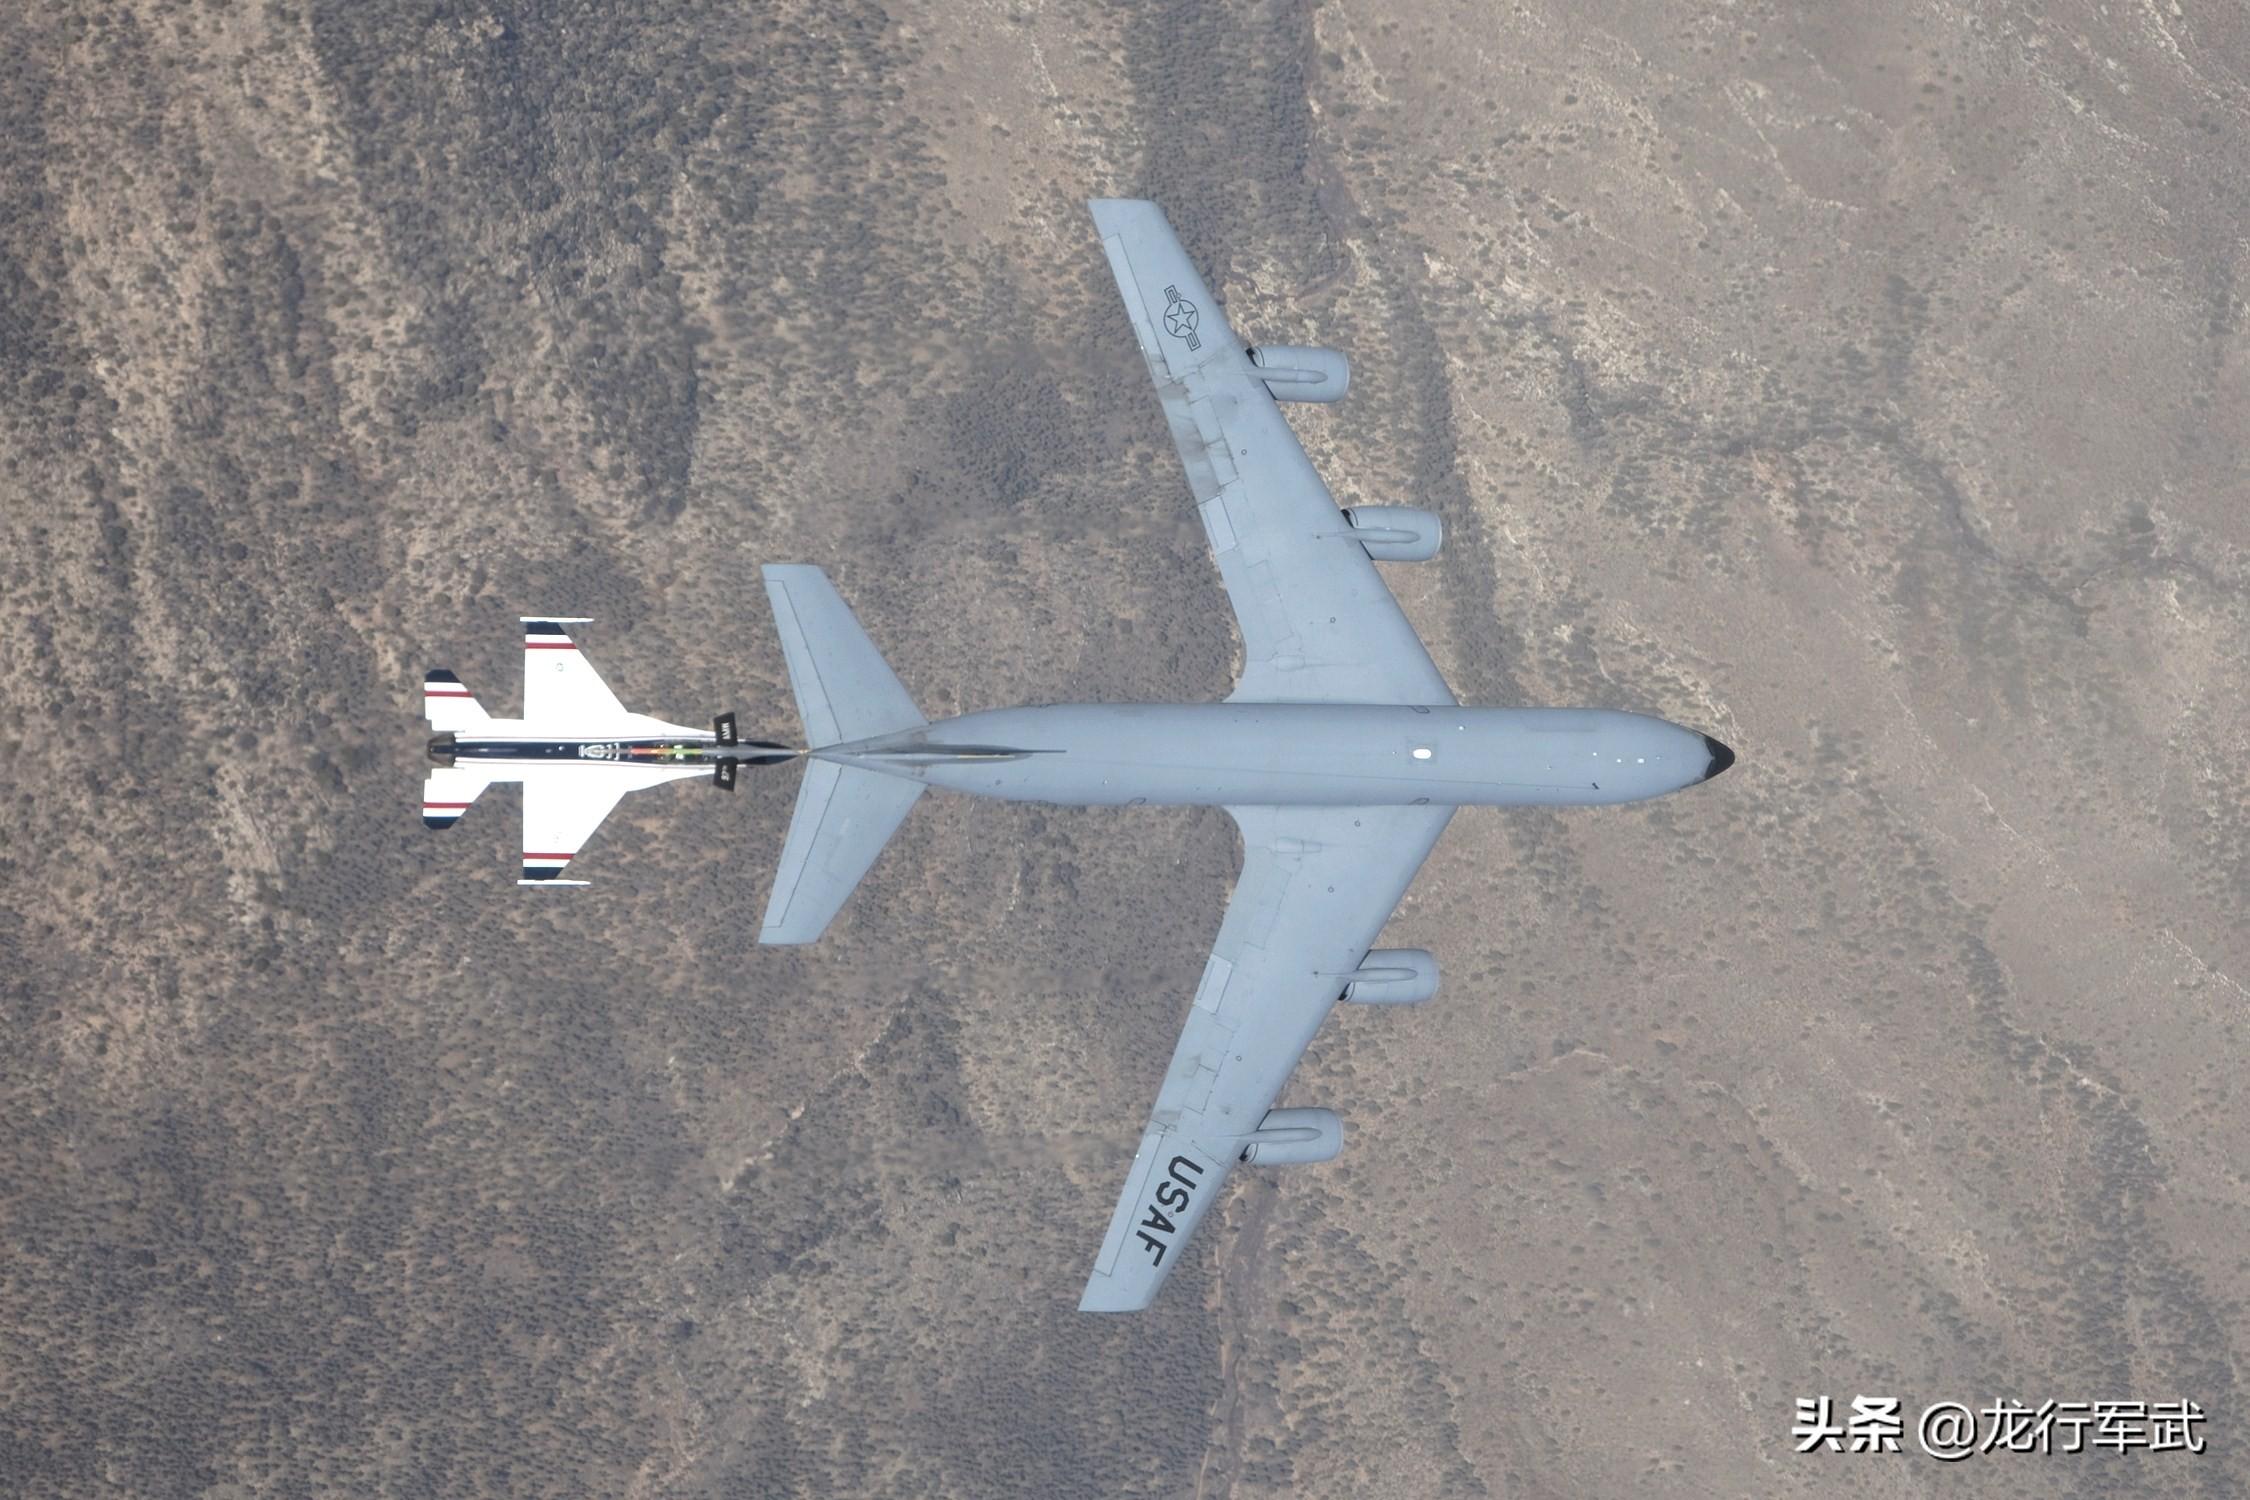 美军60多年前服役的飞机,中国至今没造出来:必须迎头赶上